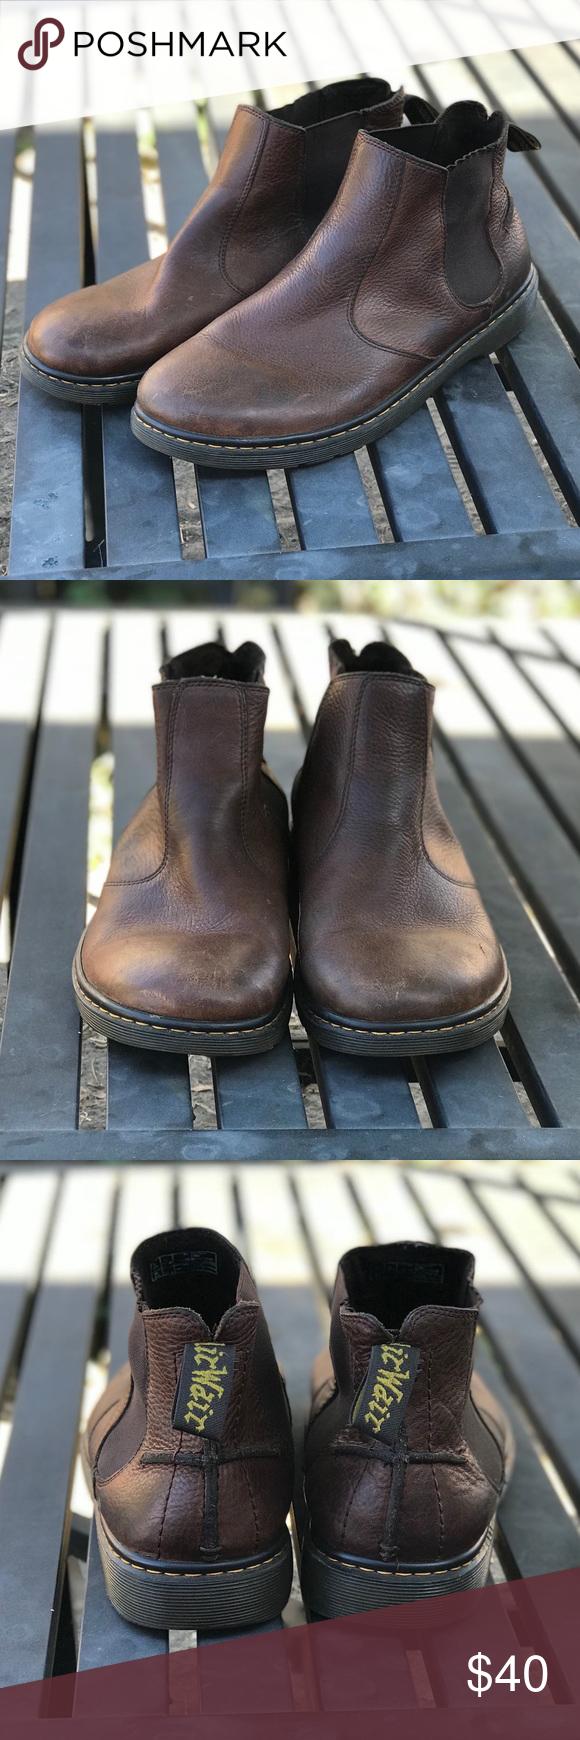 Dr. Martens Lyme Westfield Boots Dr. Martens Lyme Westfield